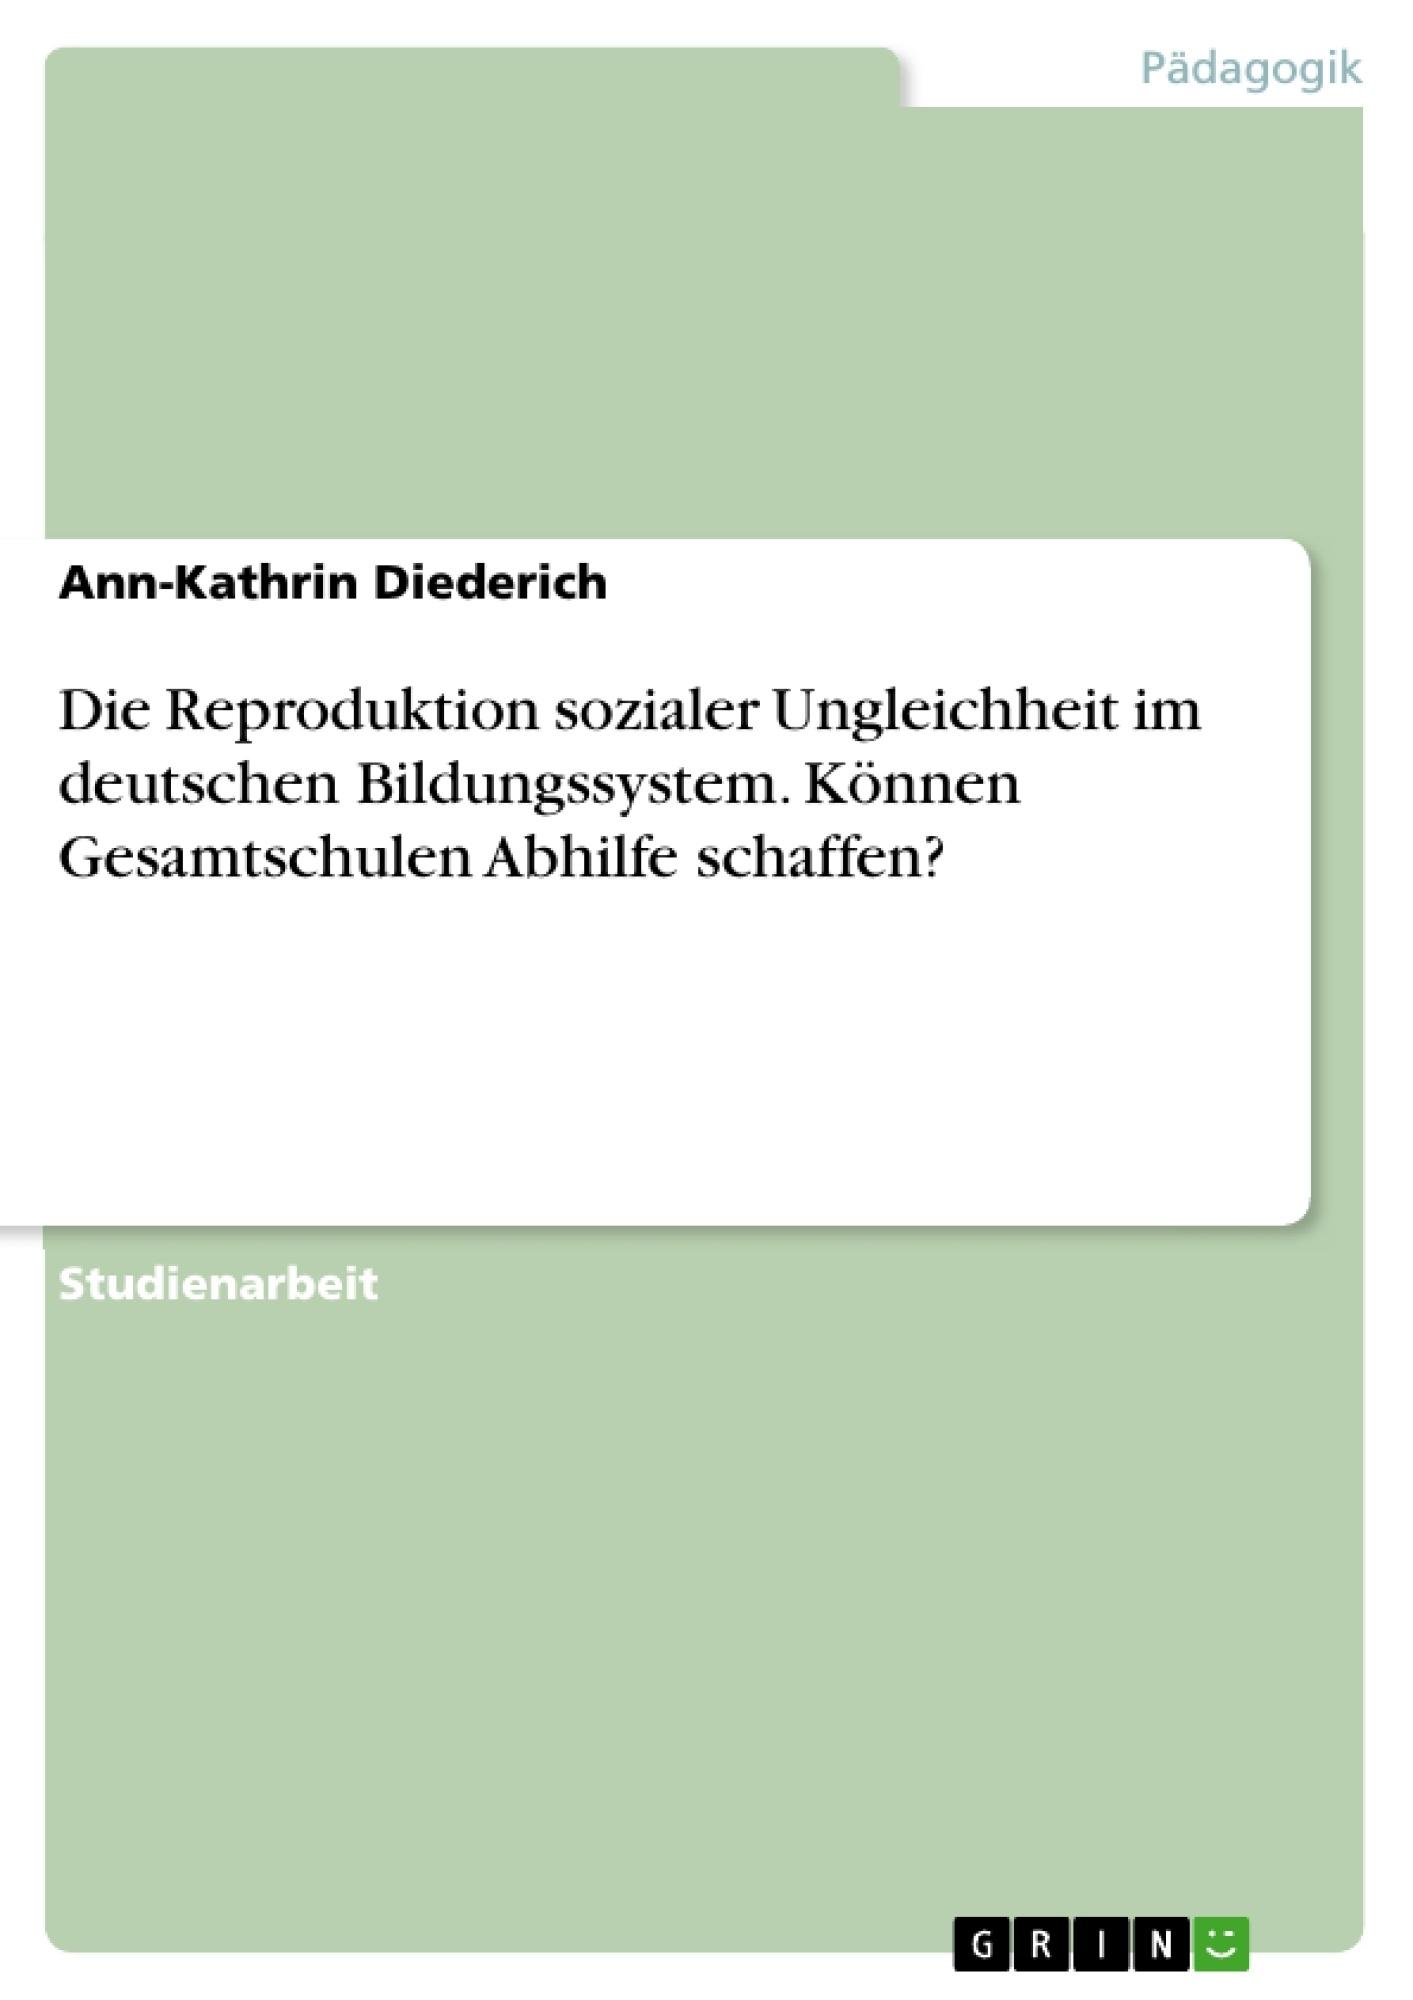 Titel: Die Reproduktion sozialer Ungleichheit im deutschen Bildungssystem. Können Gesamtschulen Abhilfe schaffen?